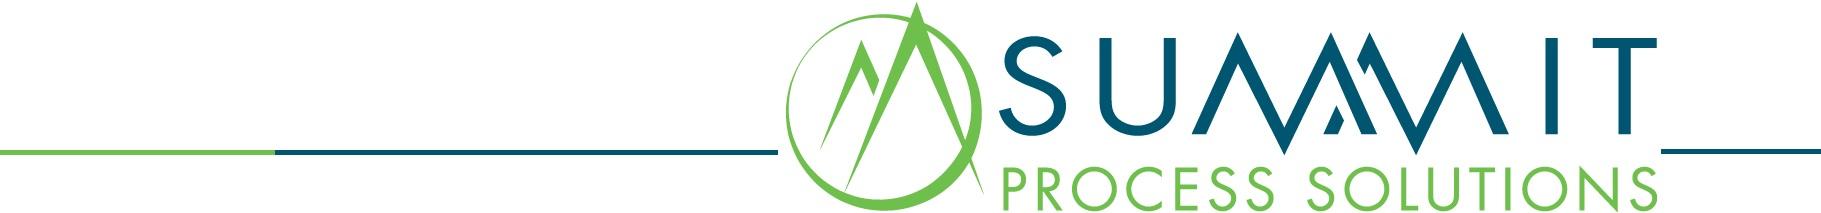 summit_logo_header